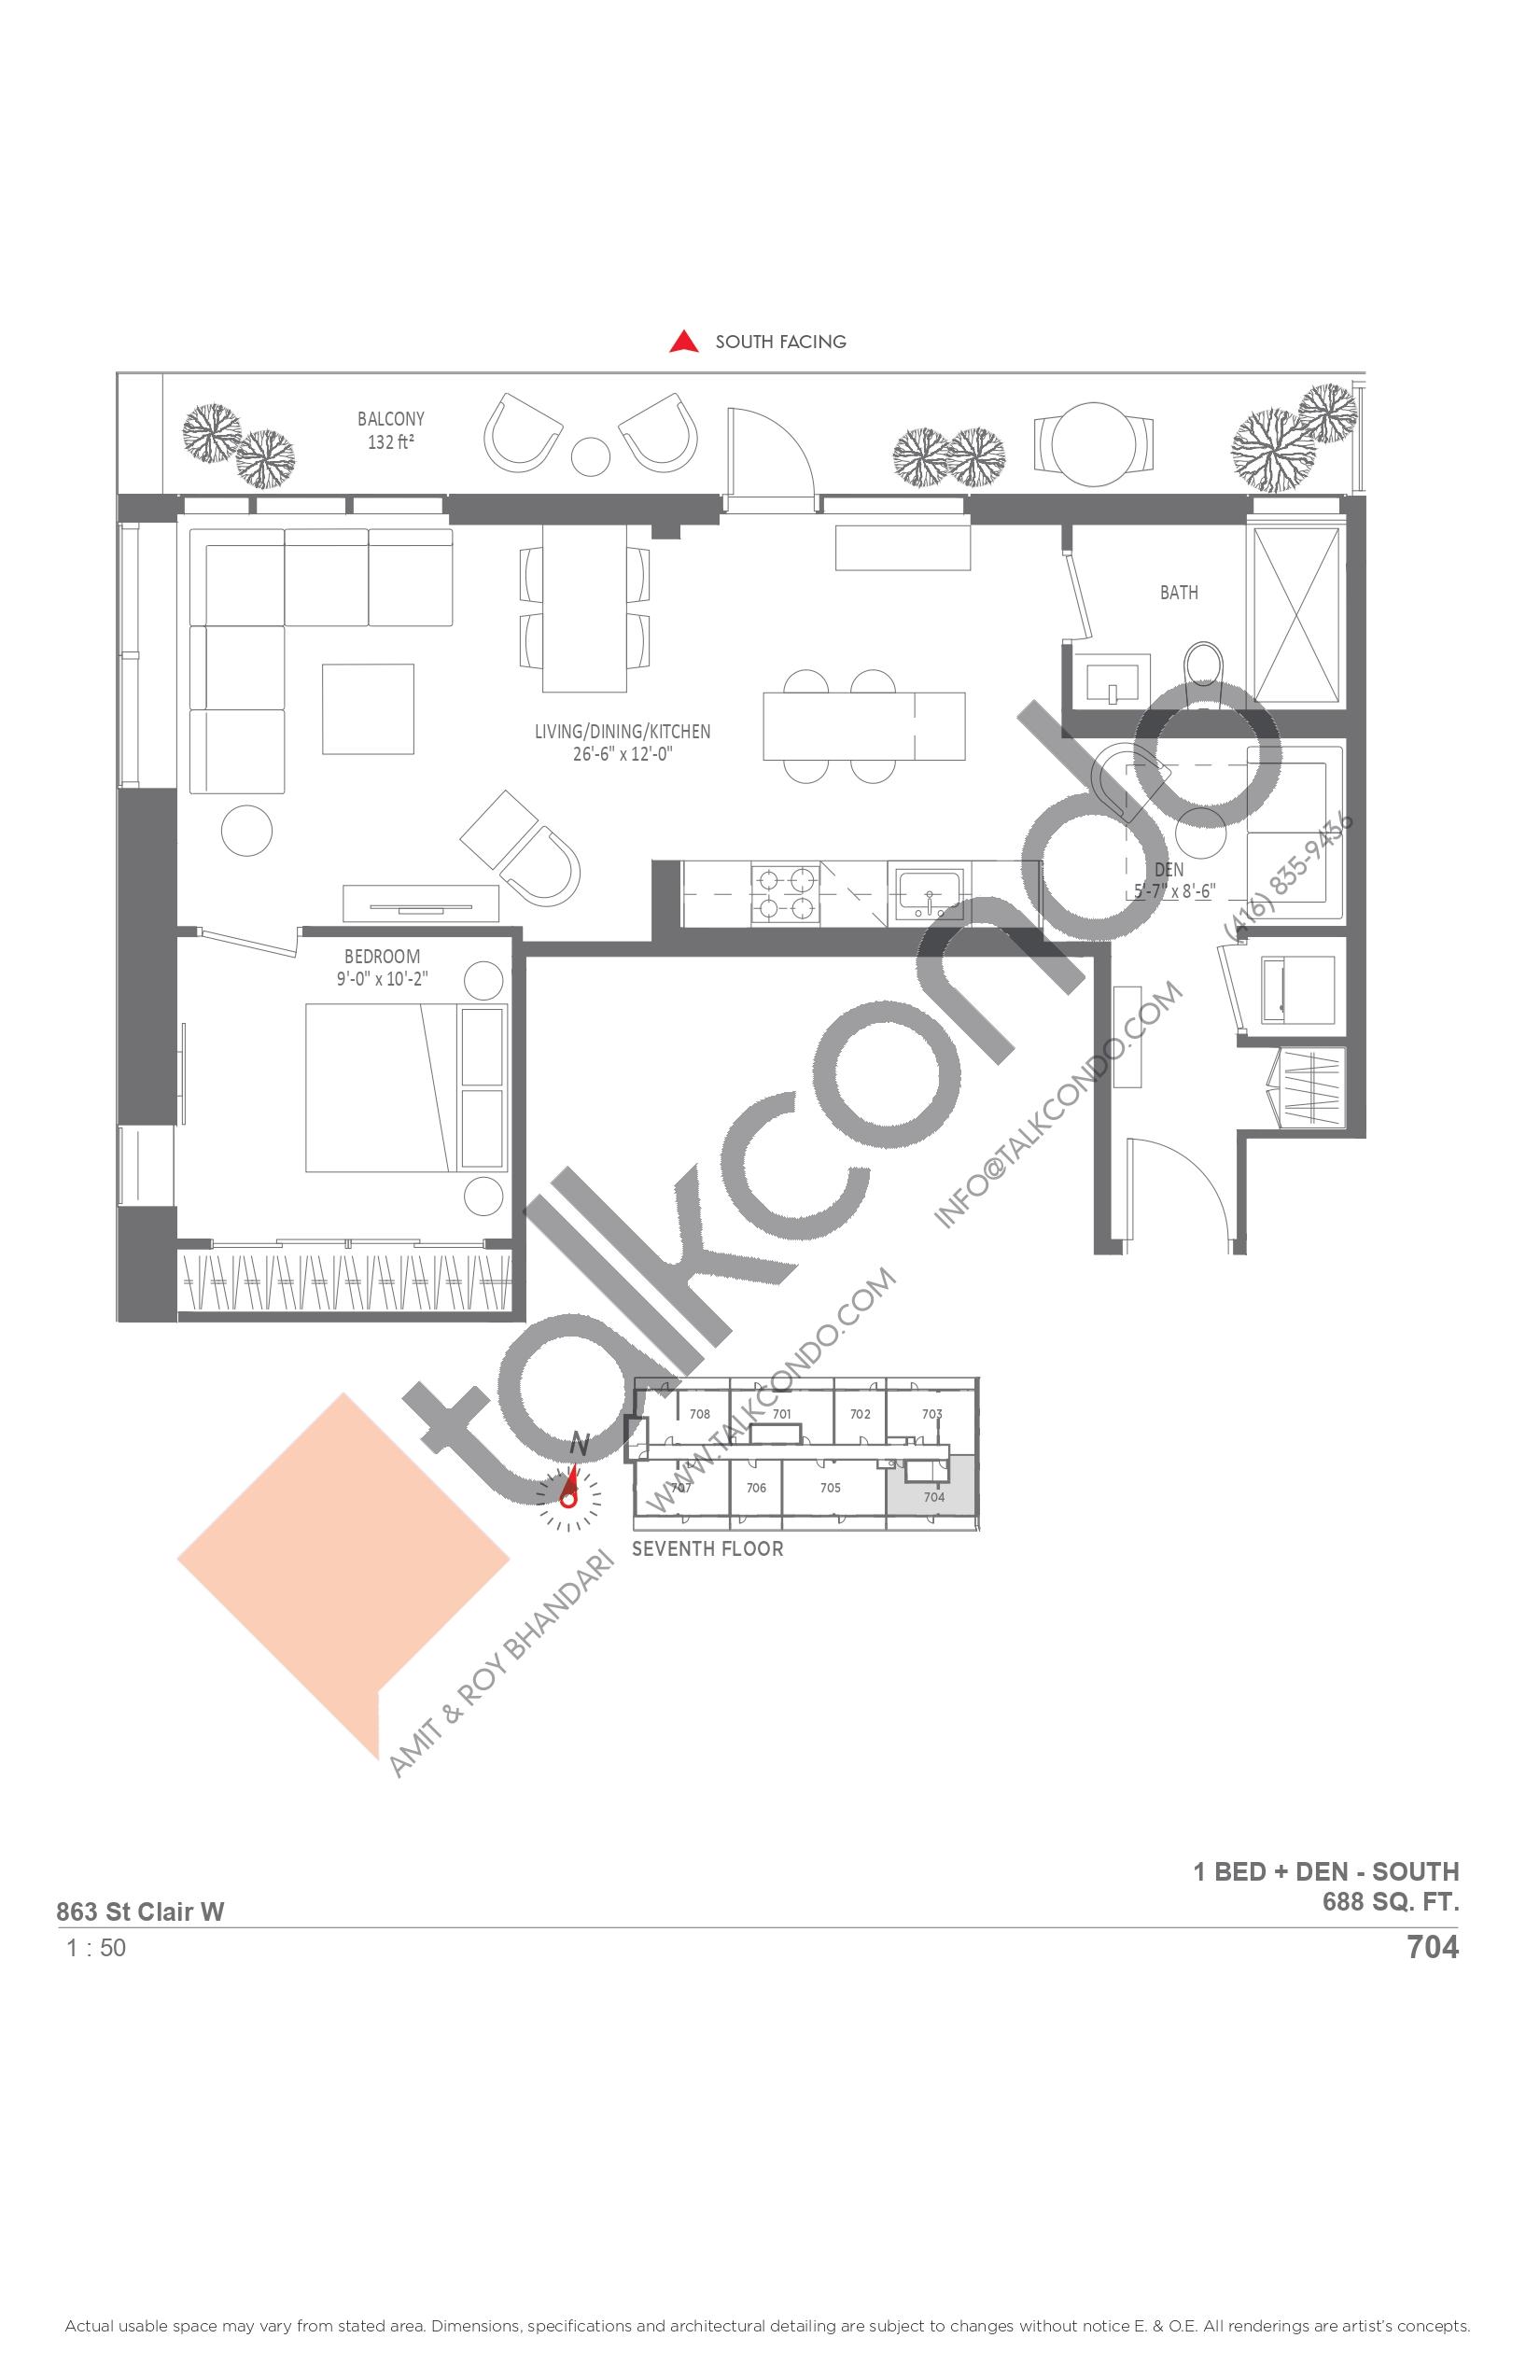 704 Floor Plan at Monza Condos - 688 sq.ft